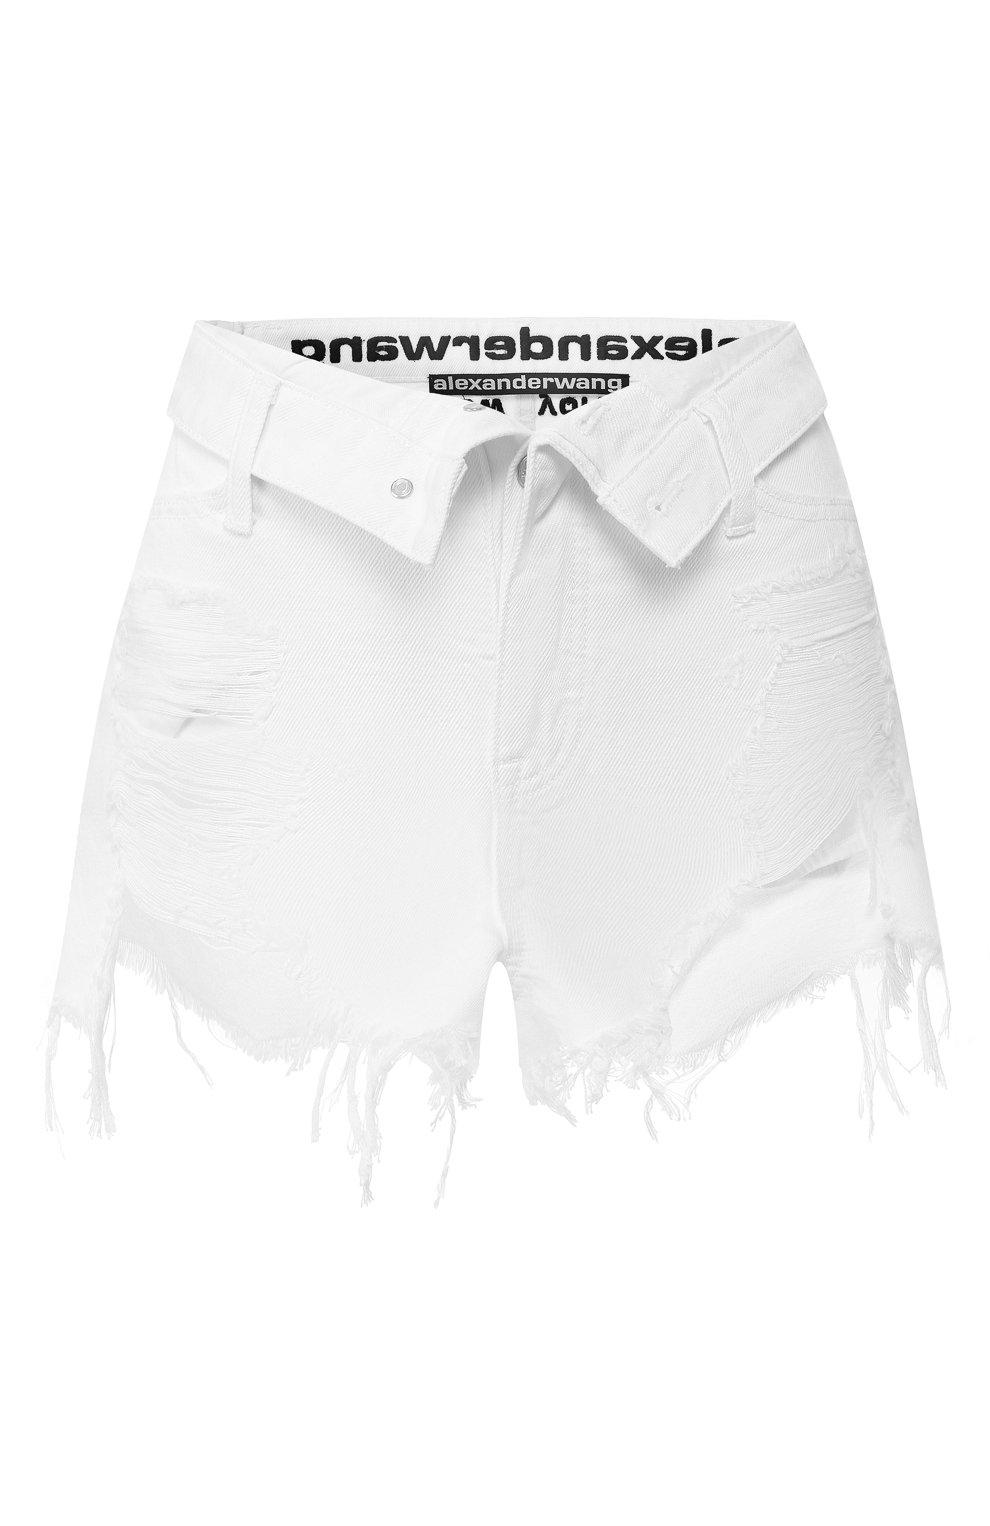 Женские джинсовые шорты ALEXANDERWANG.T белого цвета, арт. 4DC1204685 | Фото 1 (Женское Кросс-КТ: Шорты-одежда; Кросс-КТ: Деним; Длина Ж (юбки, платья, шорты): Мини; Материал внешний: Хлопок; Стили: Кэжуэл)